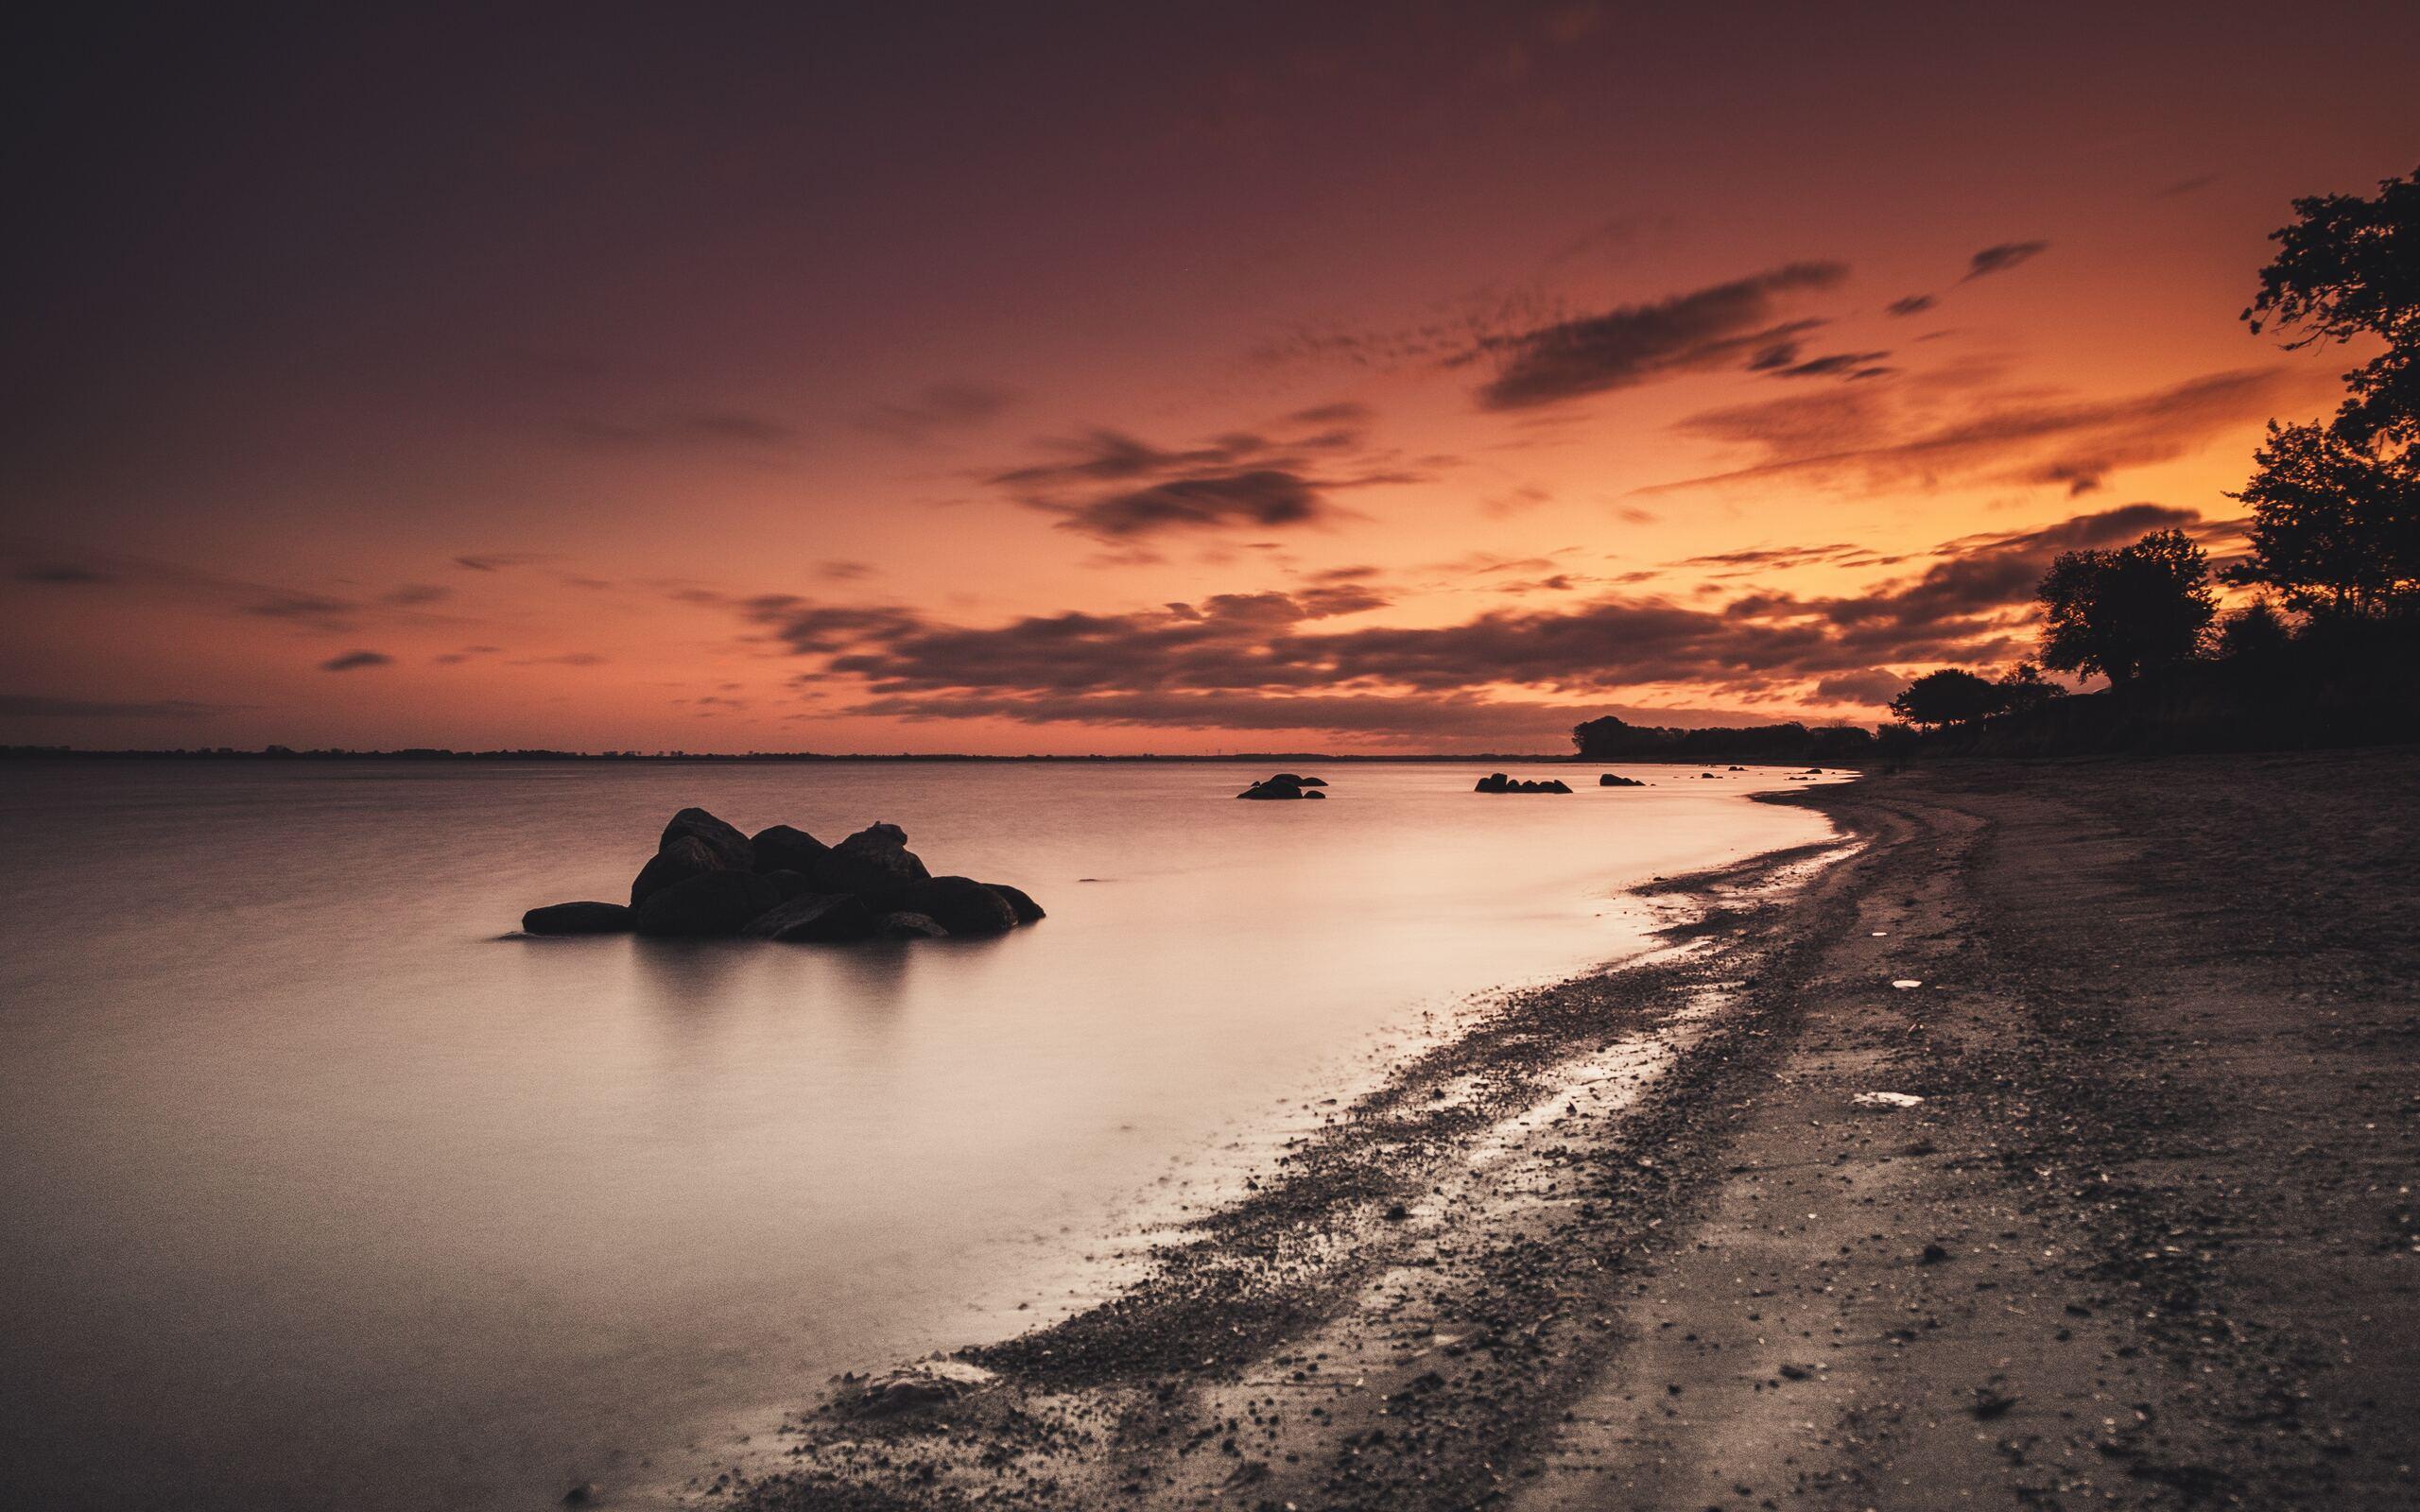 sea-shore-during-golden-hour-5k-79.jpg